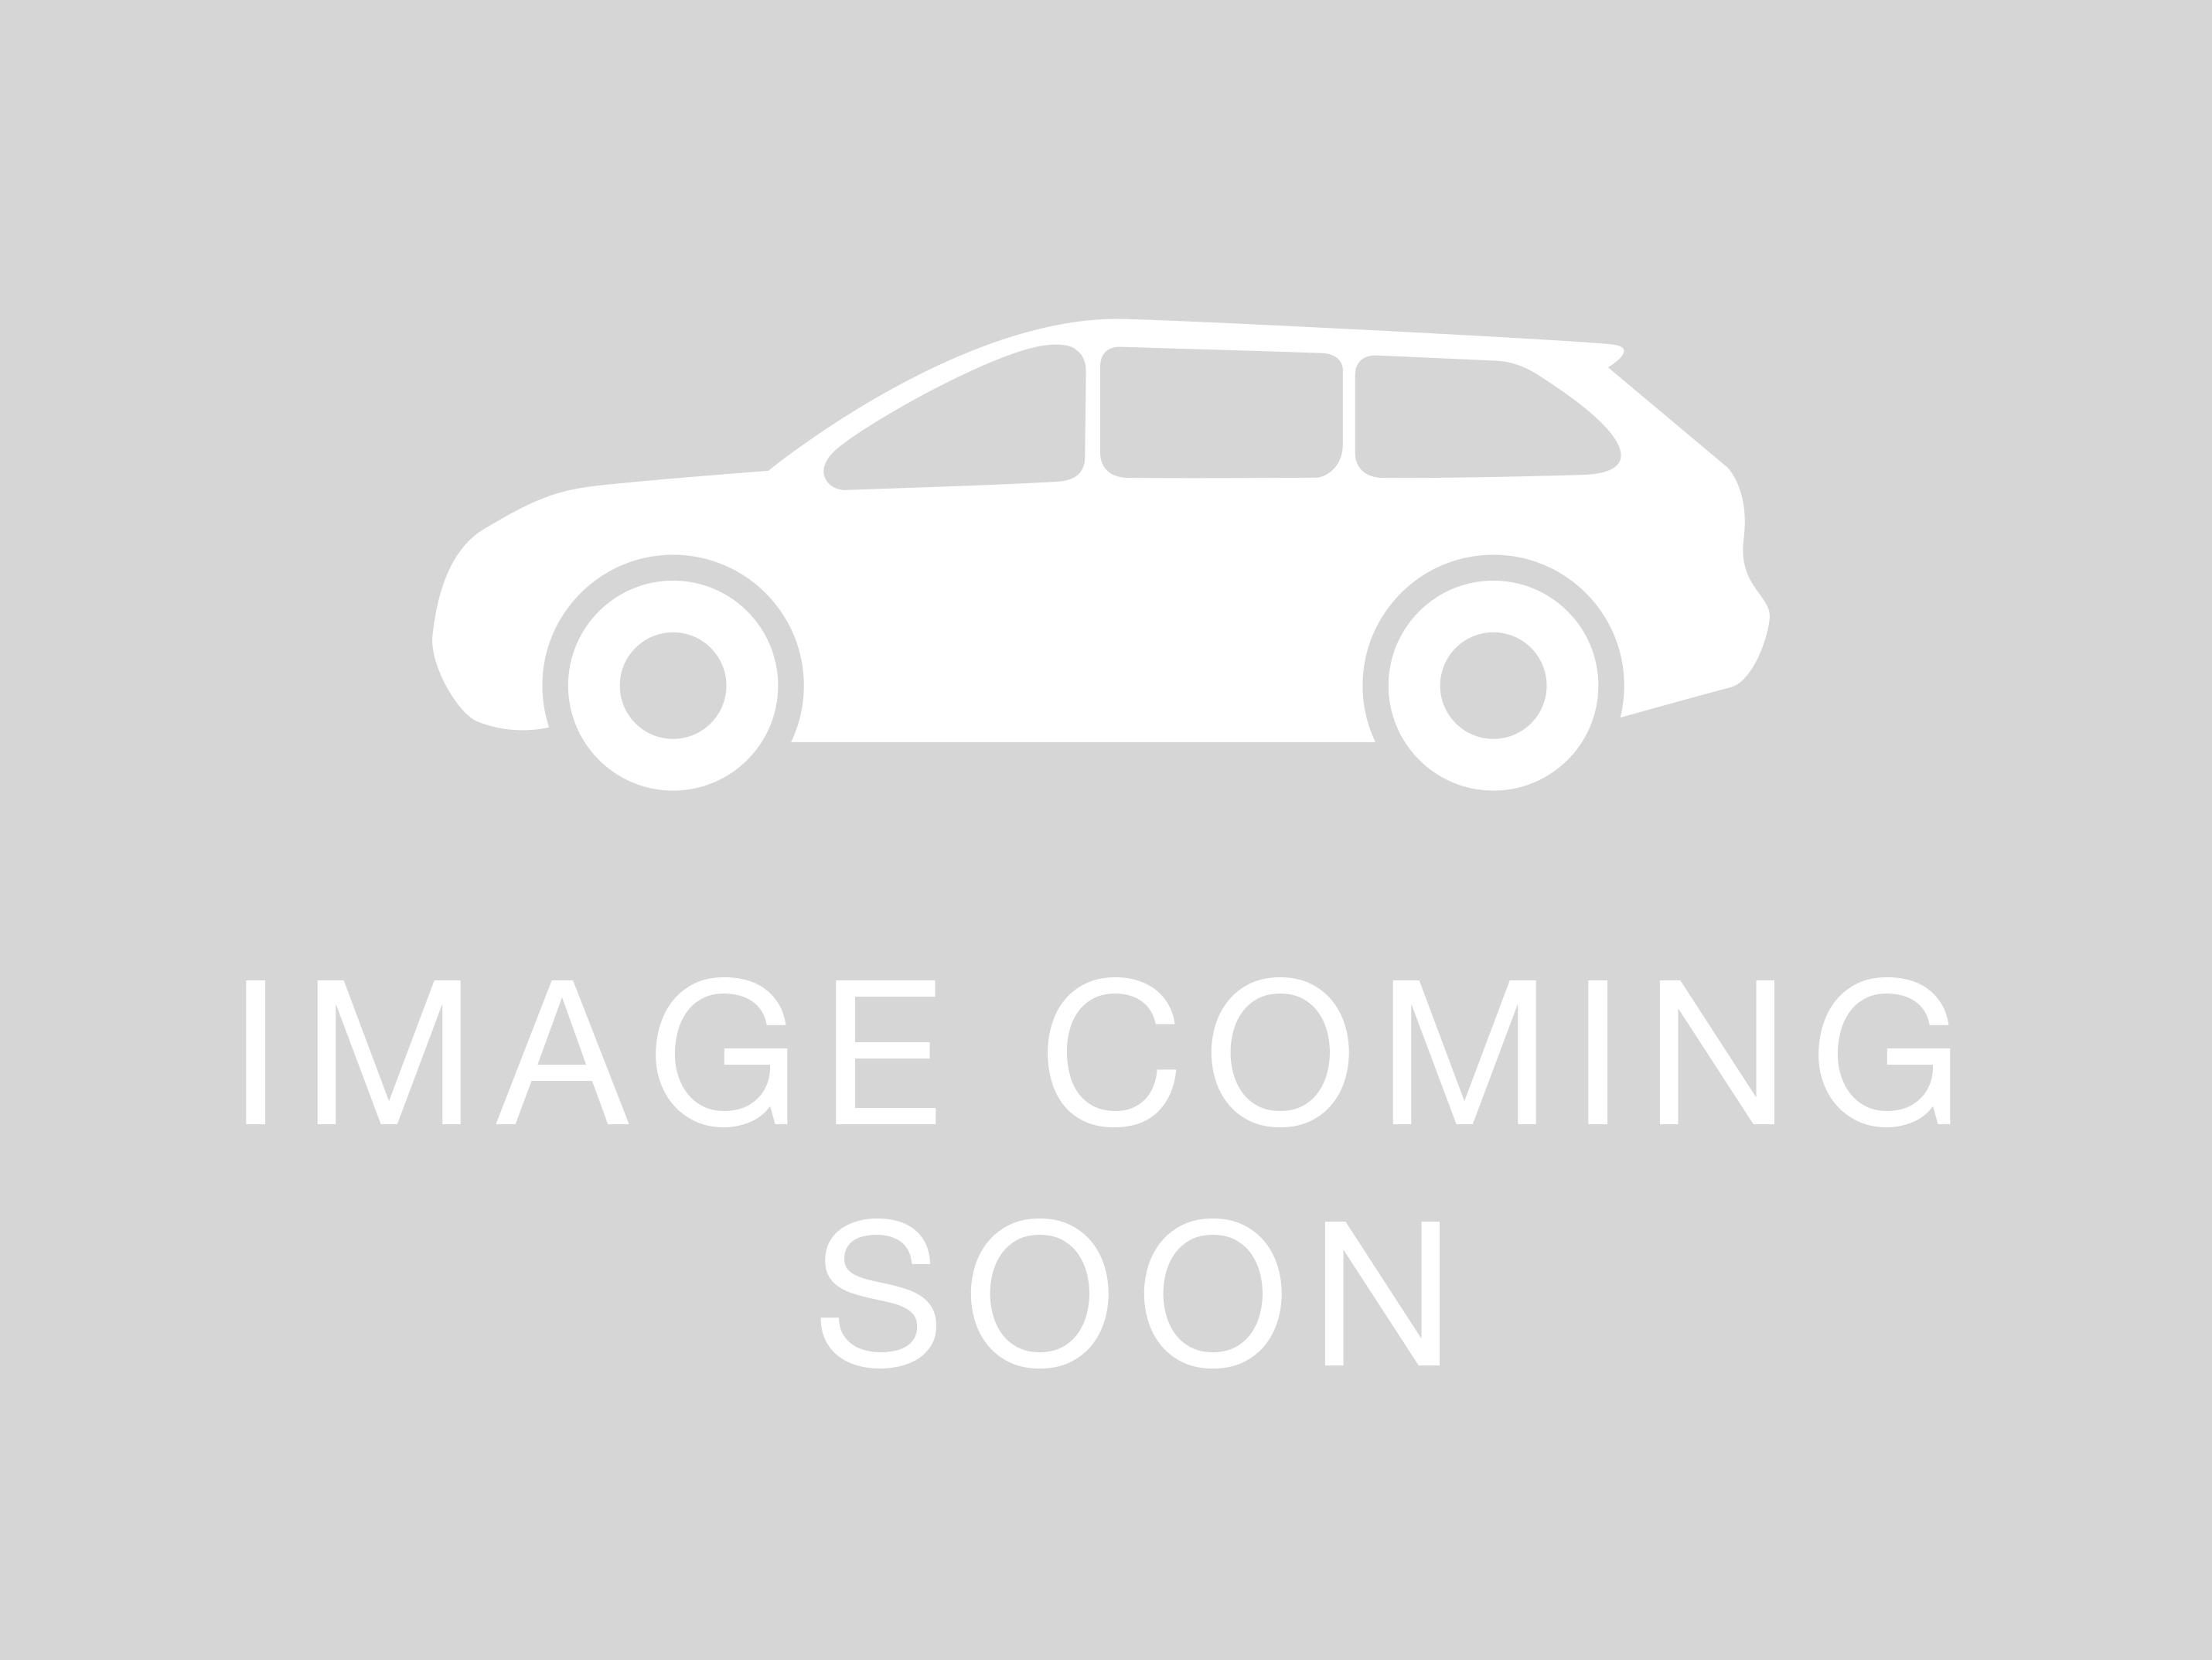 2016 Nissan LEAF GEN 2 G 30kWh ***200KMS RANGE***